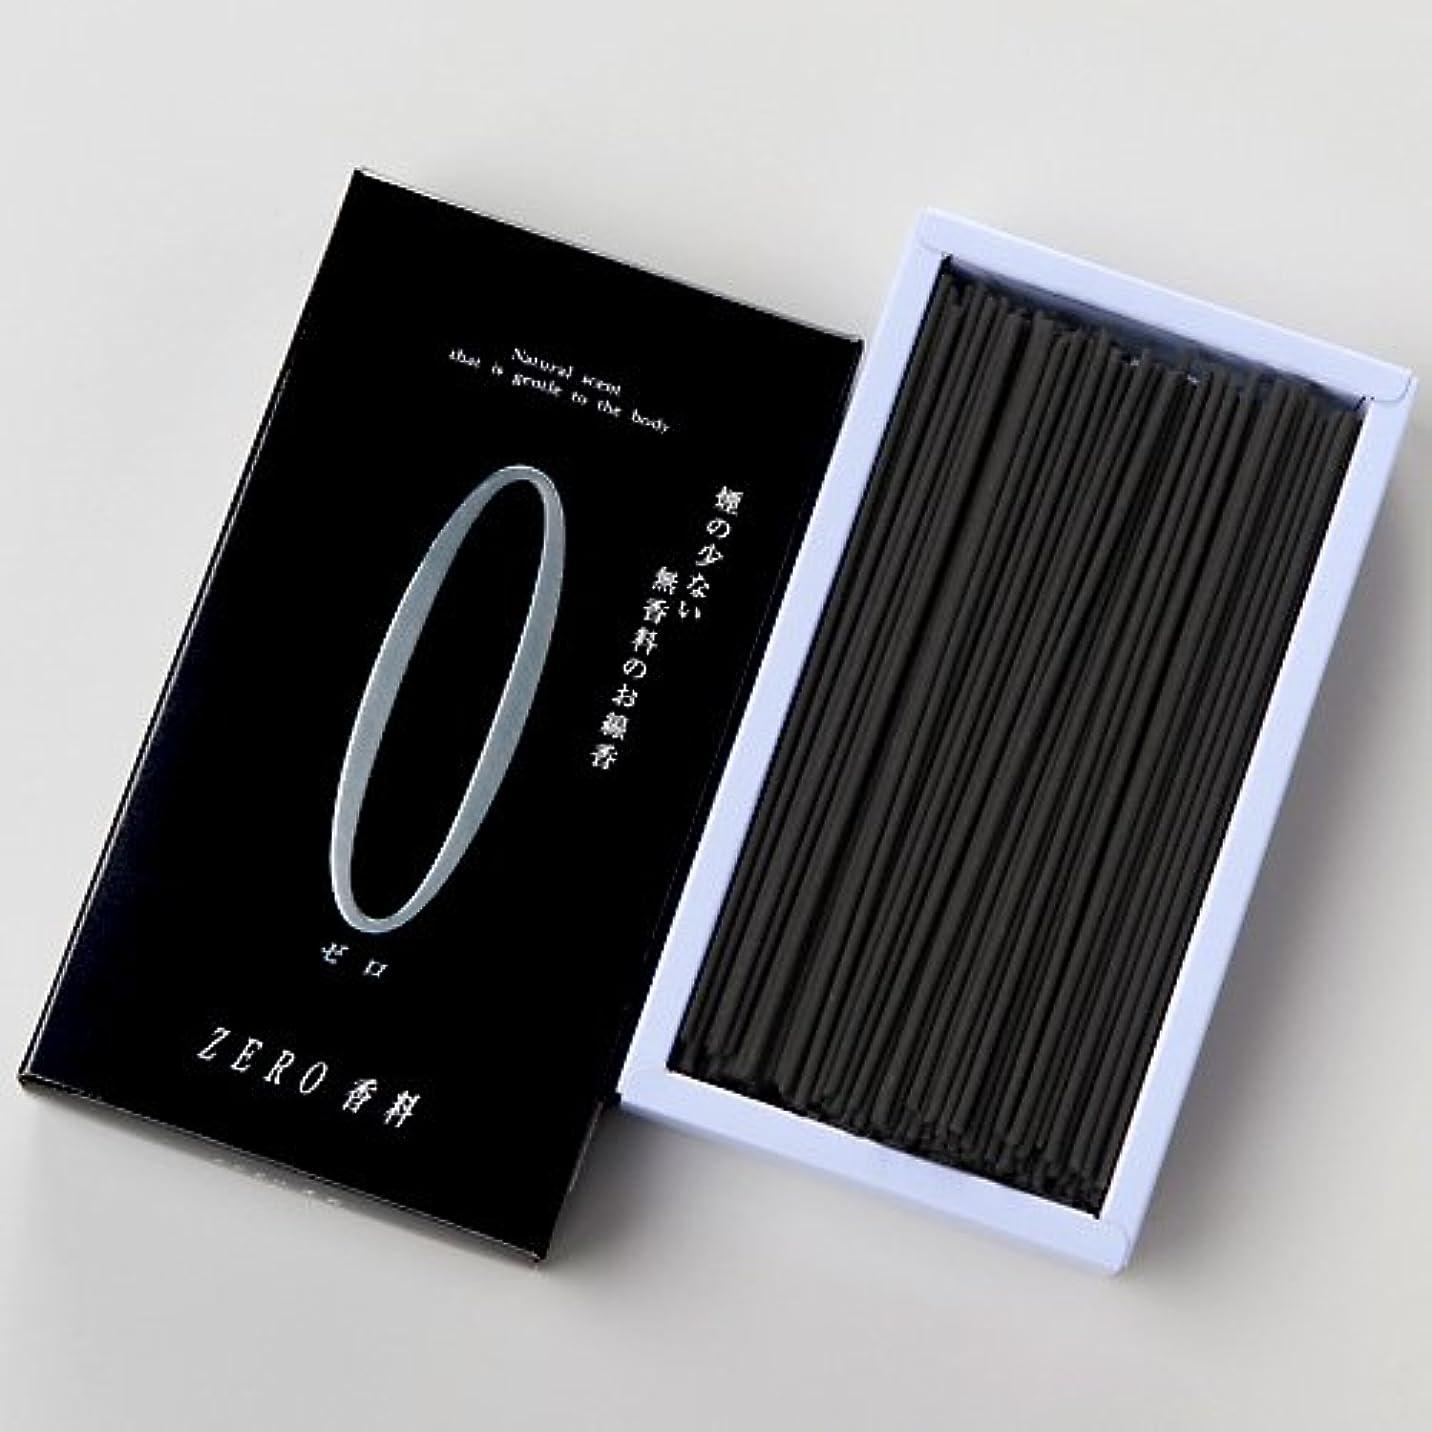 軽量原子炉理想的極 ZERO 香料 130g 黒 奥野晴明堂